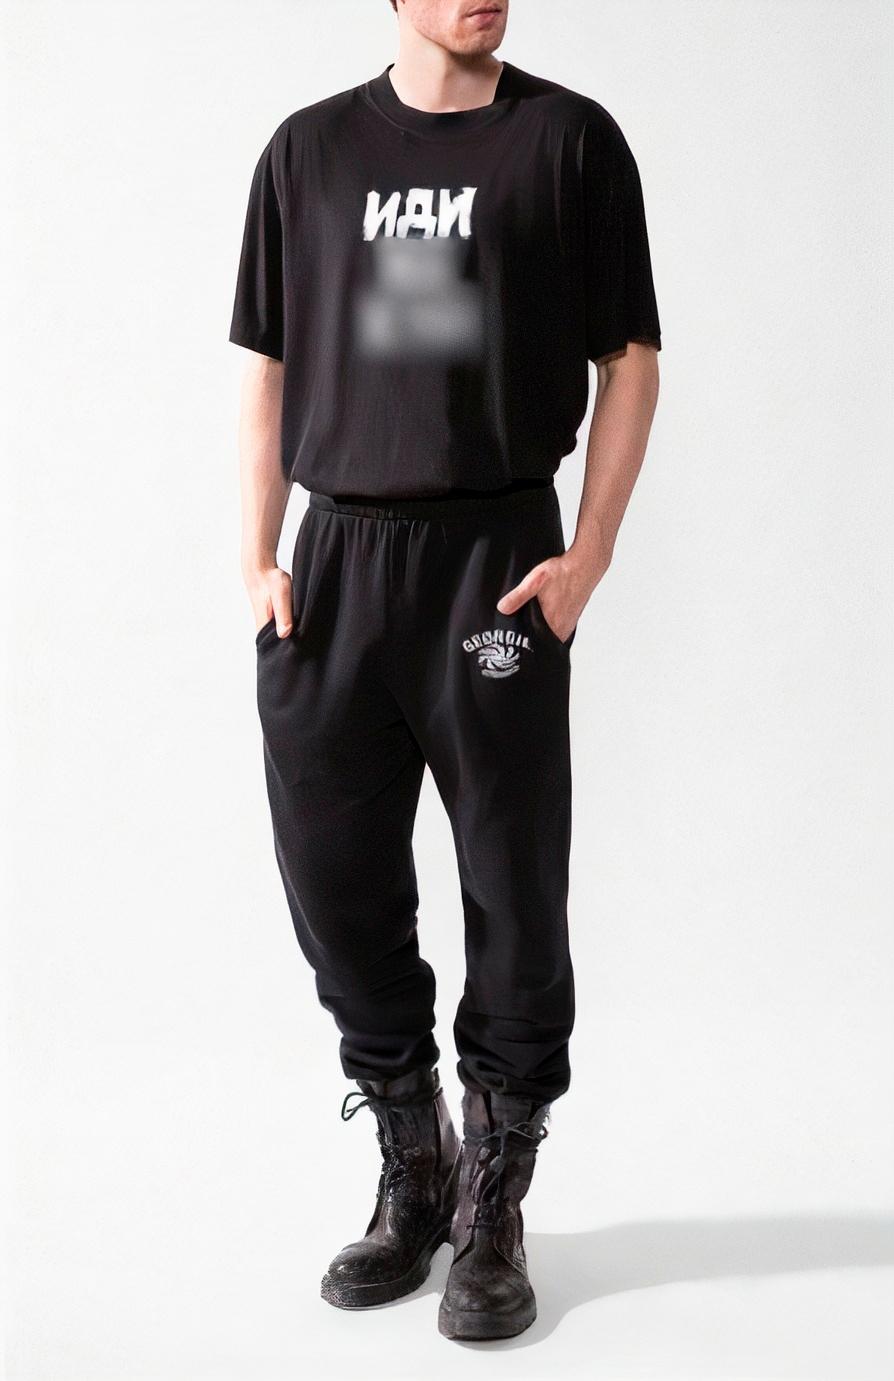 Например, Цуму пришлось замазать надпись на футболке Vetements, чтобы выставить ее в интернет-магазине. Сейчас магазин эту линейку одежды уже не продает. Источник: yaplakal.com